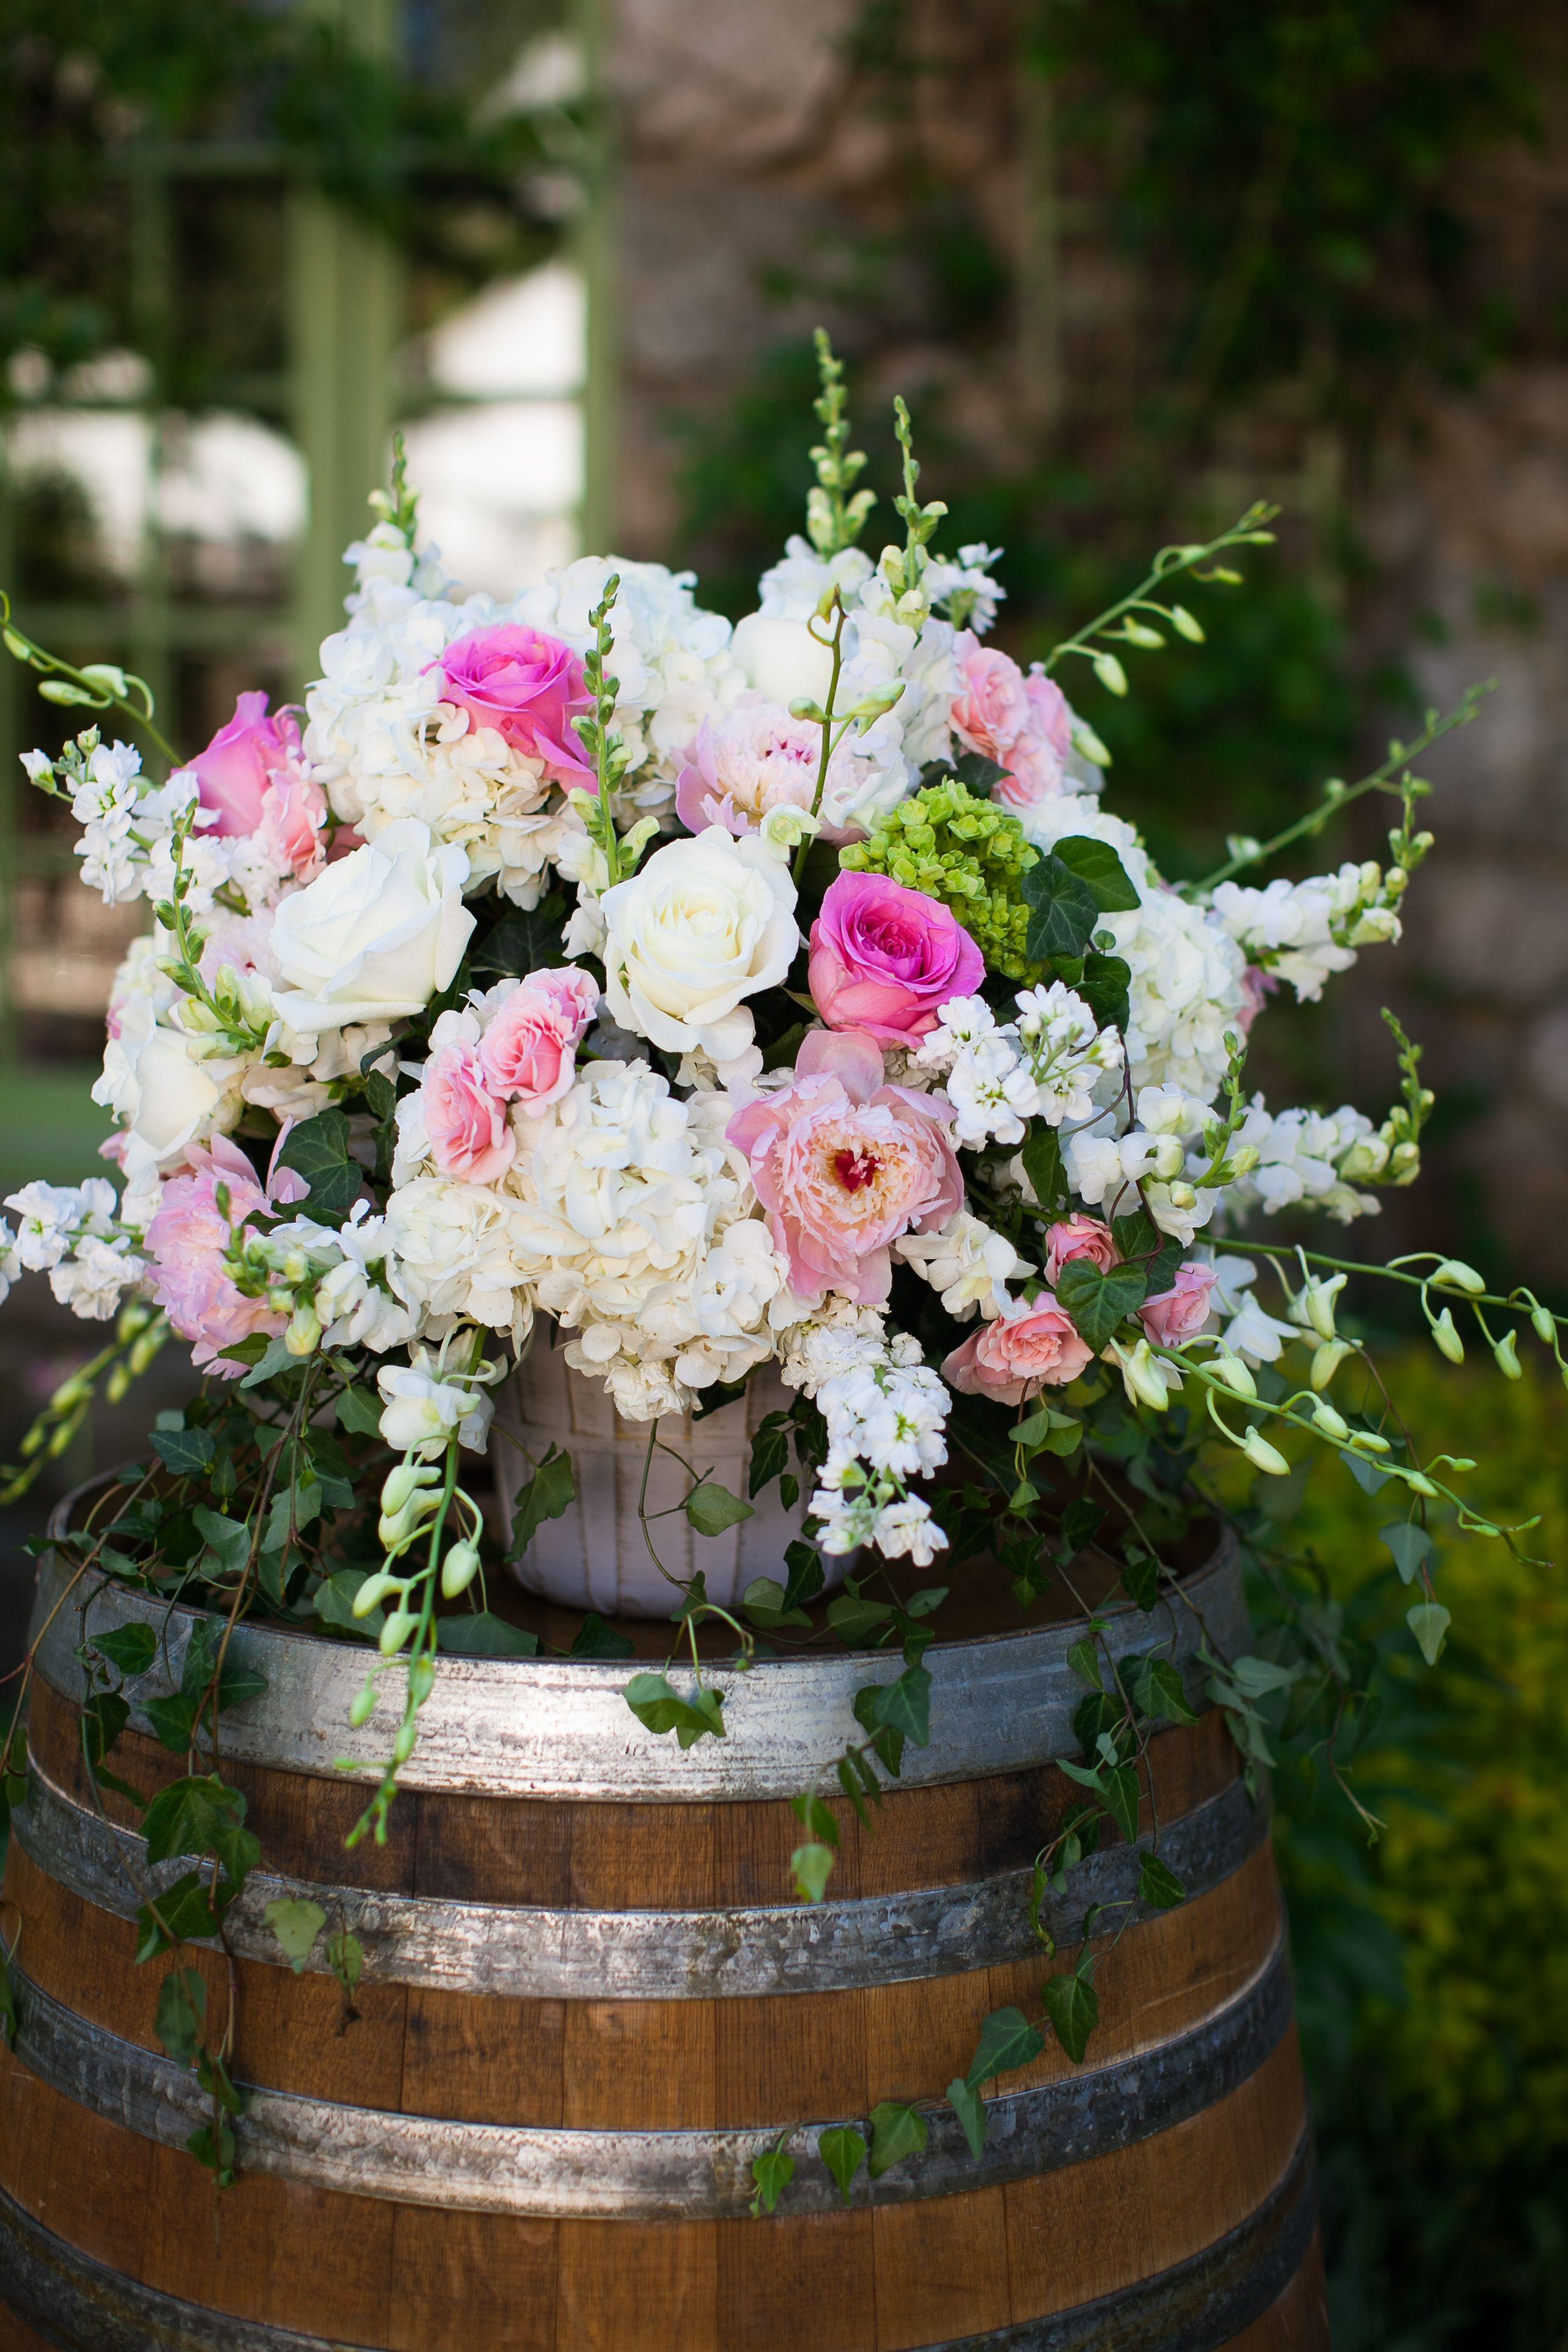 40 Diy Fall Wedding Ideas That Pay Homage To The Season Wine Barrel Wedding Flowers Fall Wedding Diy Wine Barrel Wedding